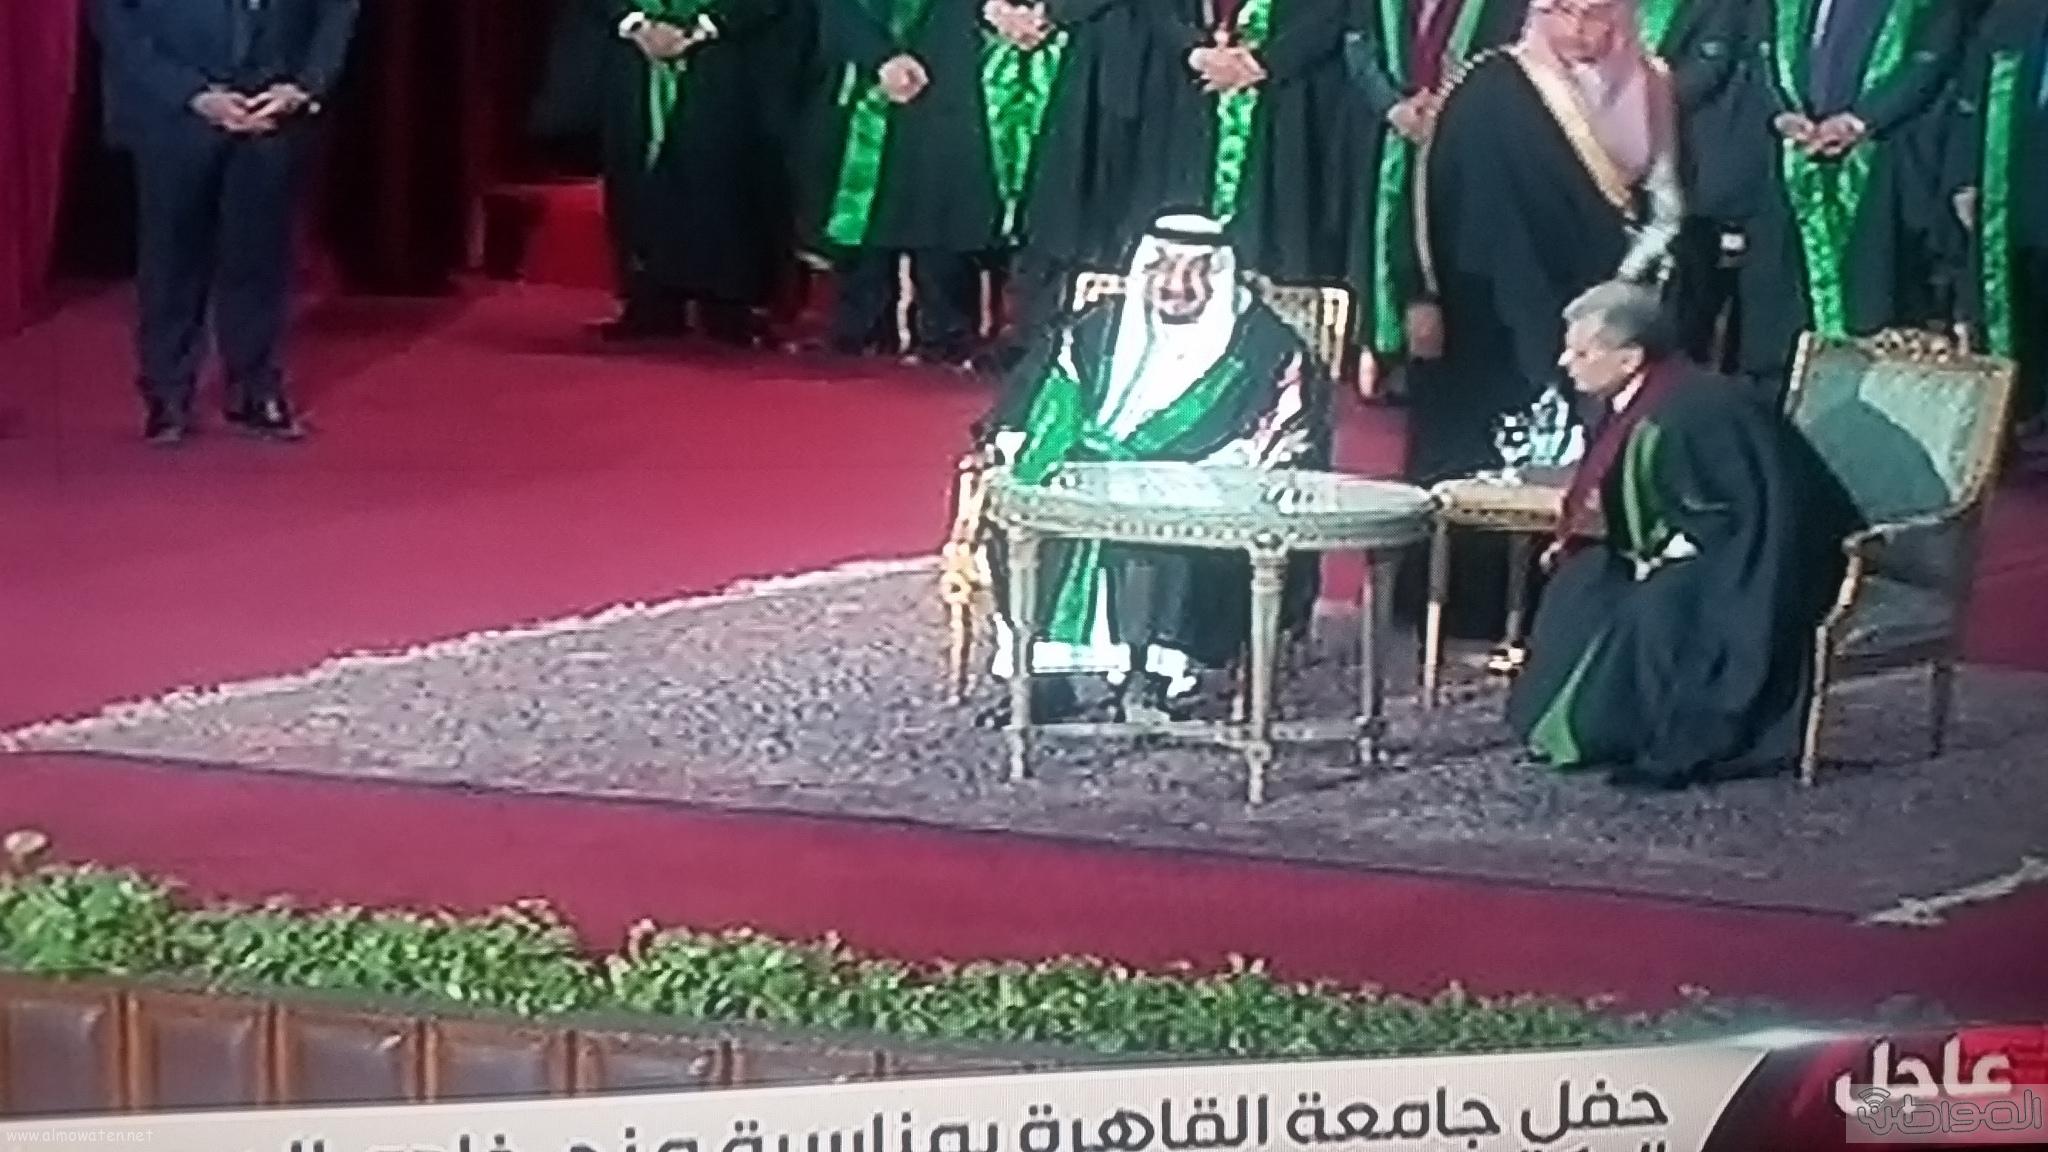 وصول الملك سلمان لجامعة القاهرة (2)